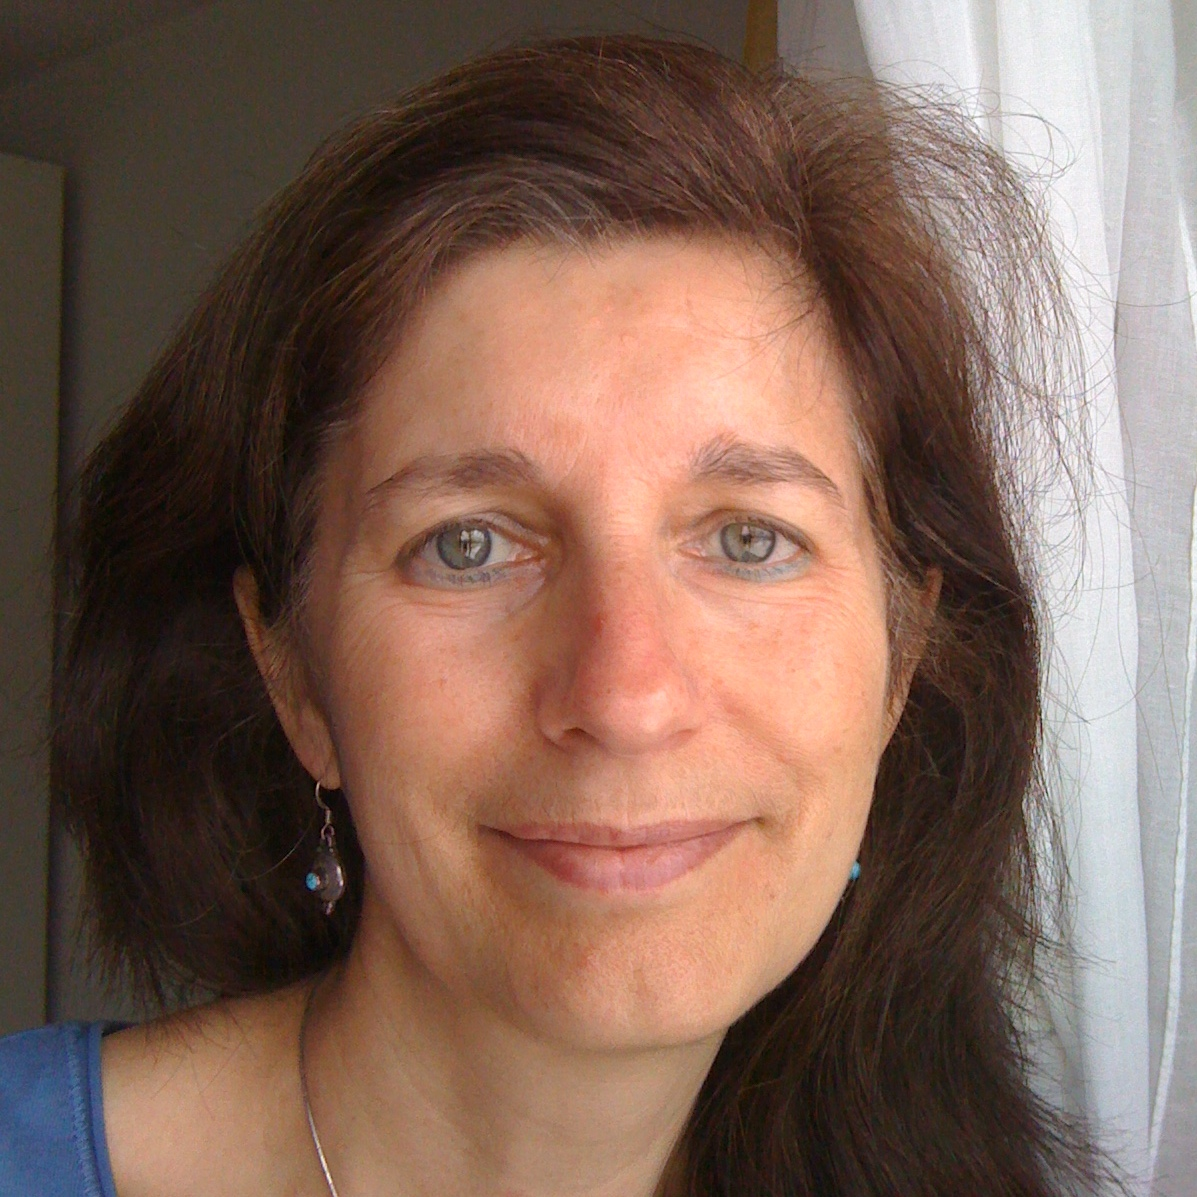 isaèle Soentgen